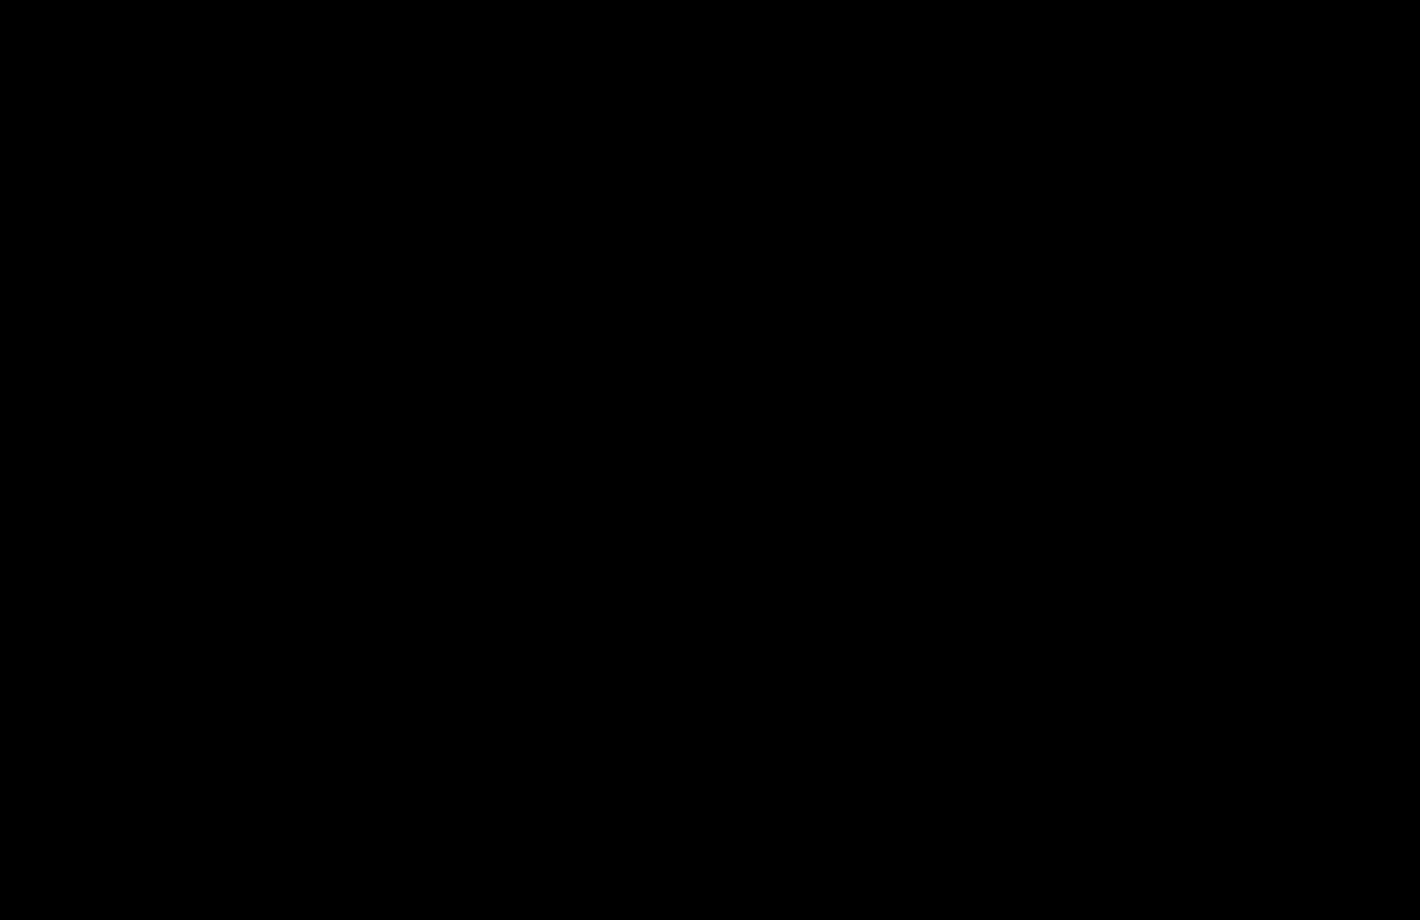 coctails-bg-06